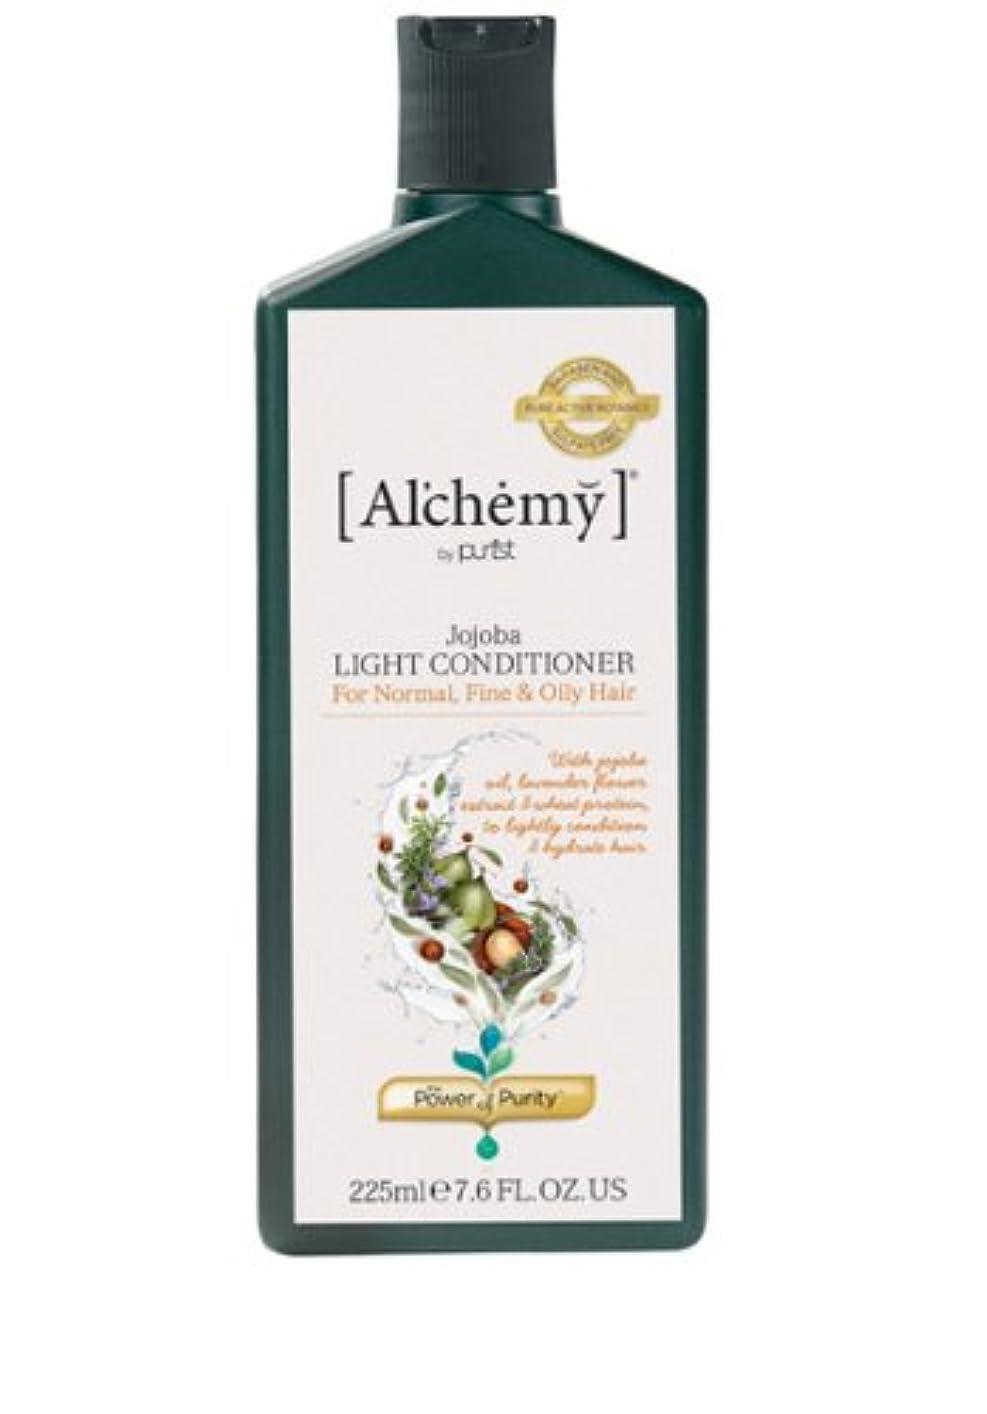 ジョガー閉塞グリーンランド【Al'chemy(alchemy)】アルケミー ホホバライト コンディショナー(Jojoba, Light Conditioner)(ノーマルヘア用)225ml